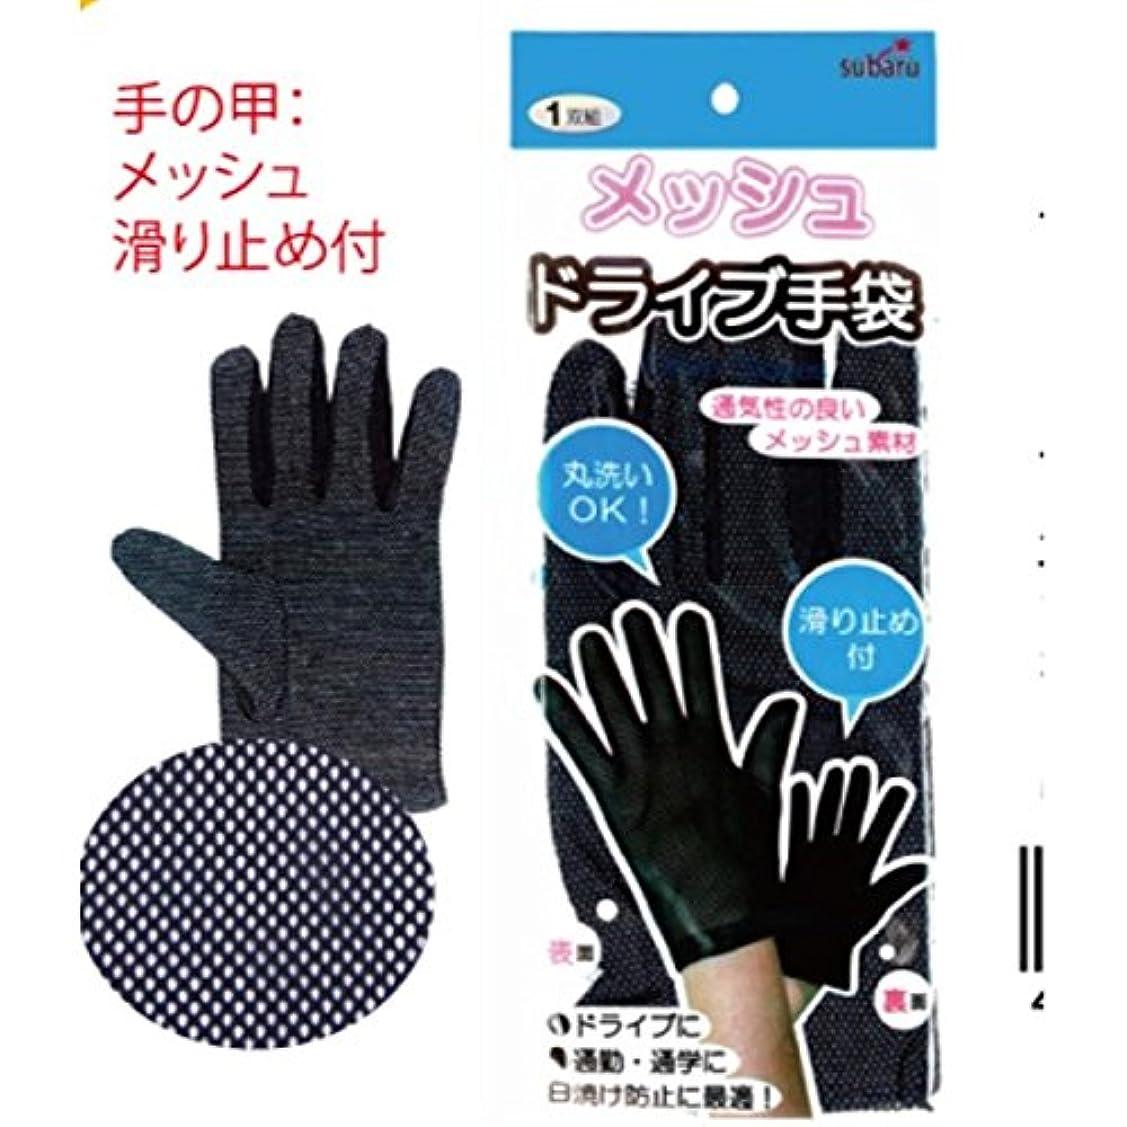 吸収剤二次雪だるまを作る手の甲メッシュ ドライブ手袋滑り止め付 (12個セット) 227-13